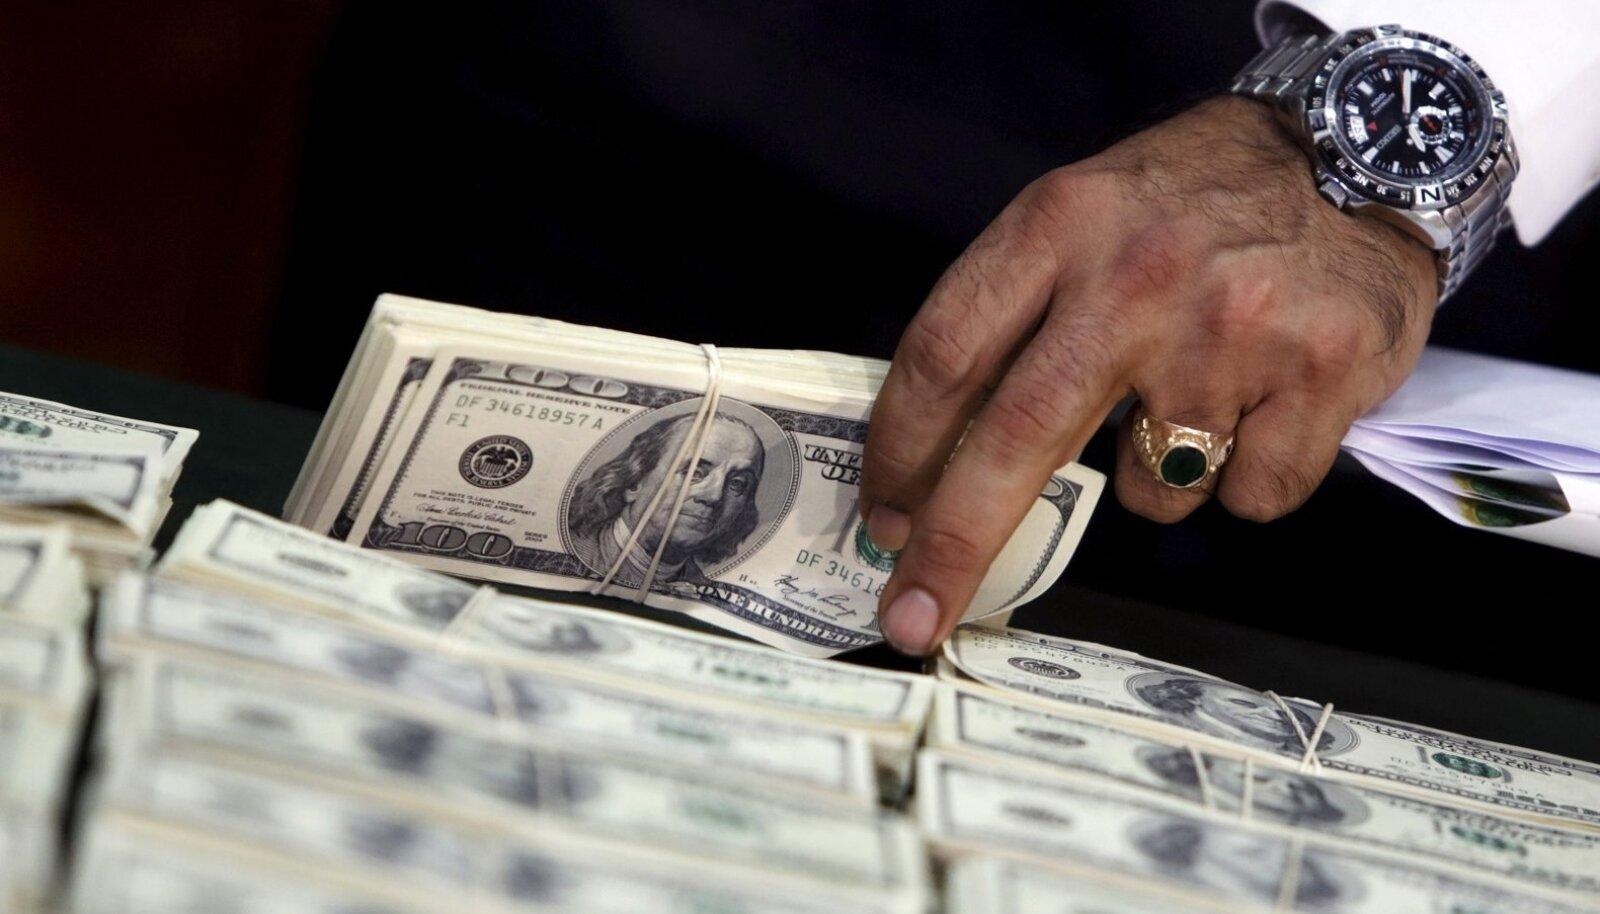 Guardian on tutvunud dokumentidega, mille kohaselt liigutati Venemaalt aastatel 2011–2014 välja üle 20 miljardi dollari.